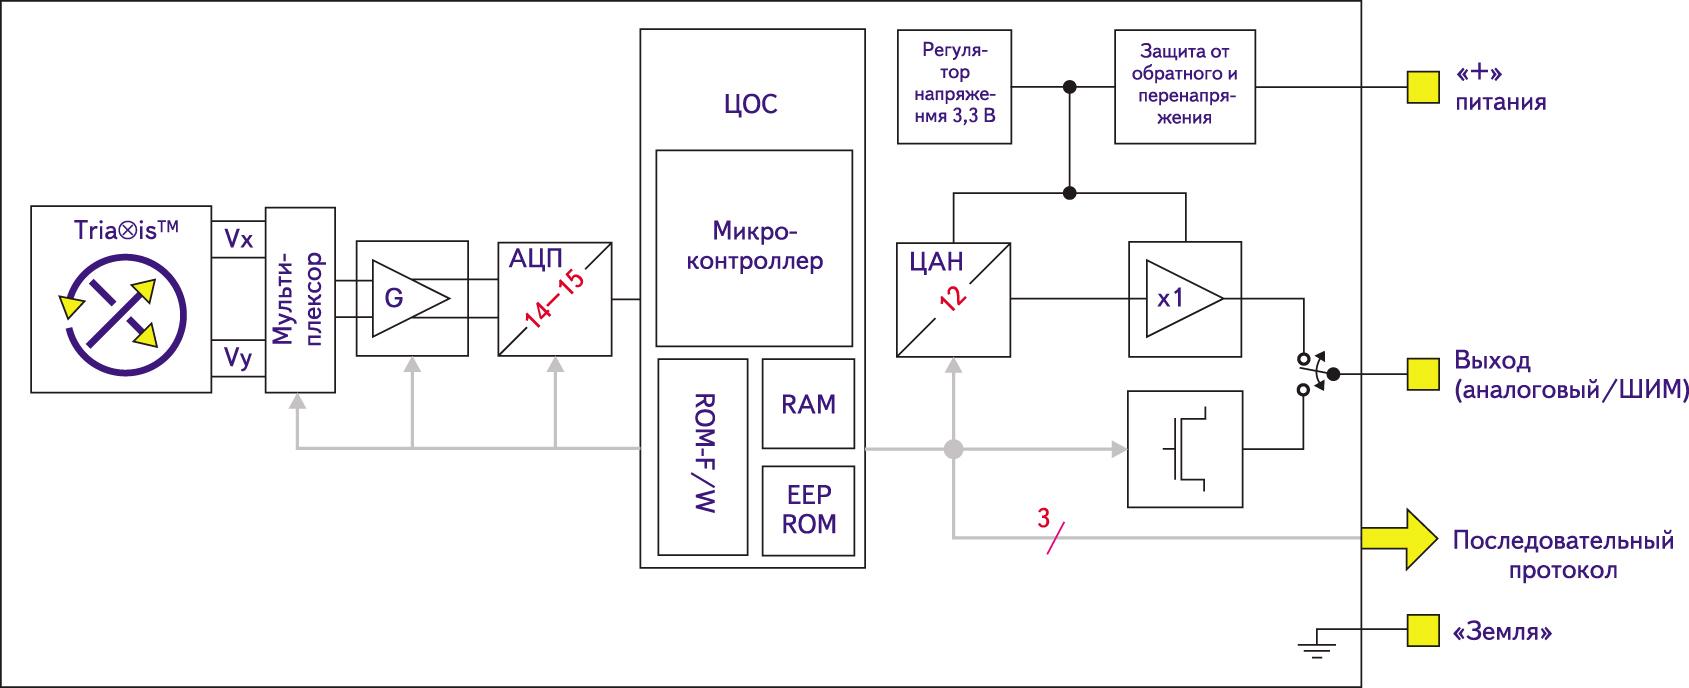 Практическая реализация технологии Tria⊗is в MLX90316 Melexis: функциональная схема ИС MLX90316